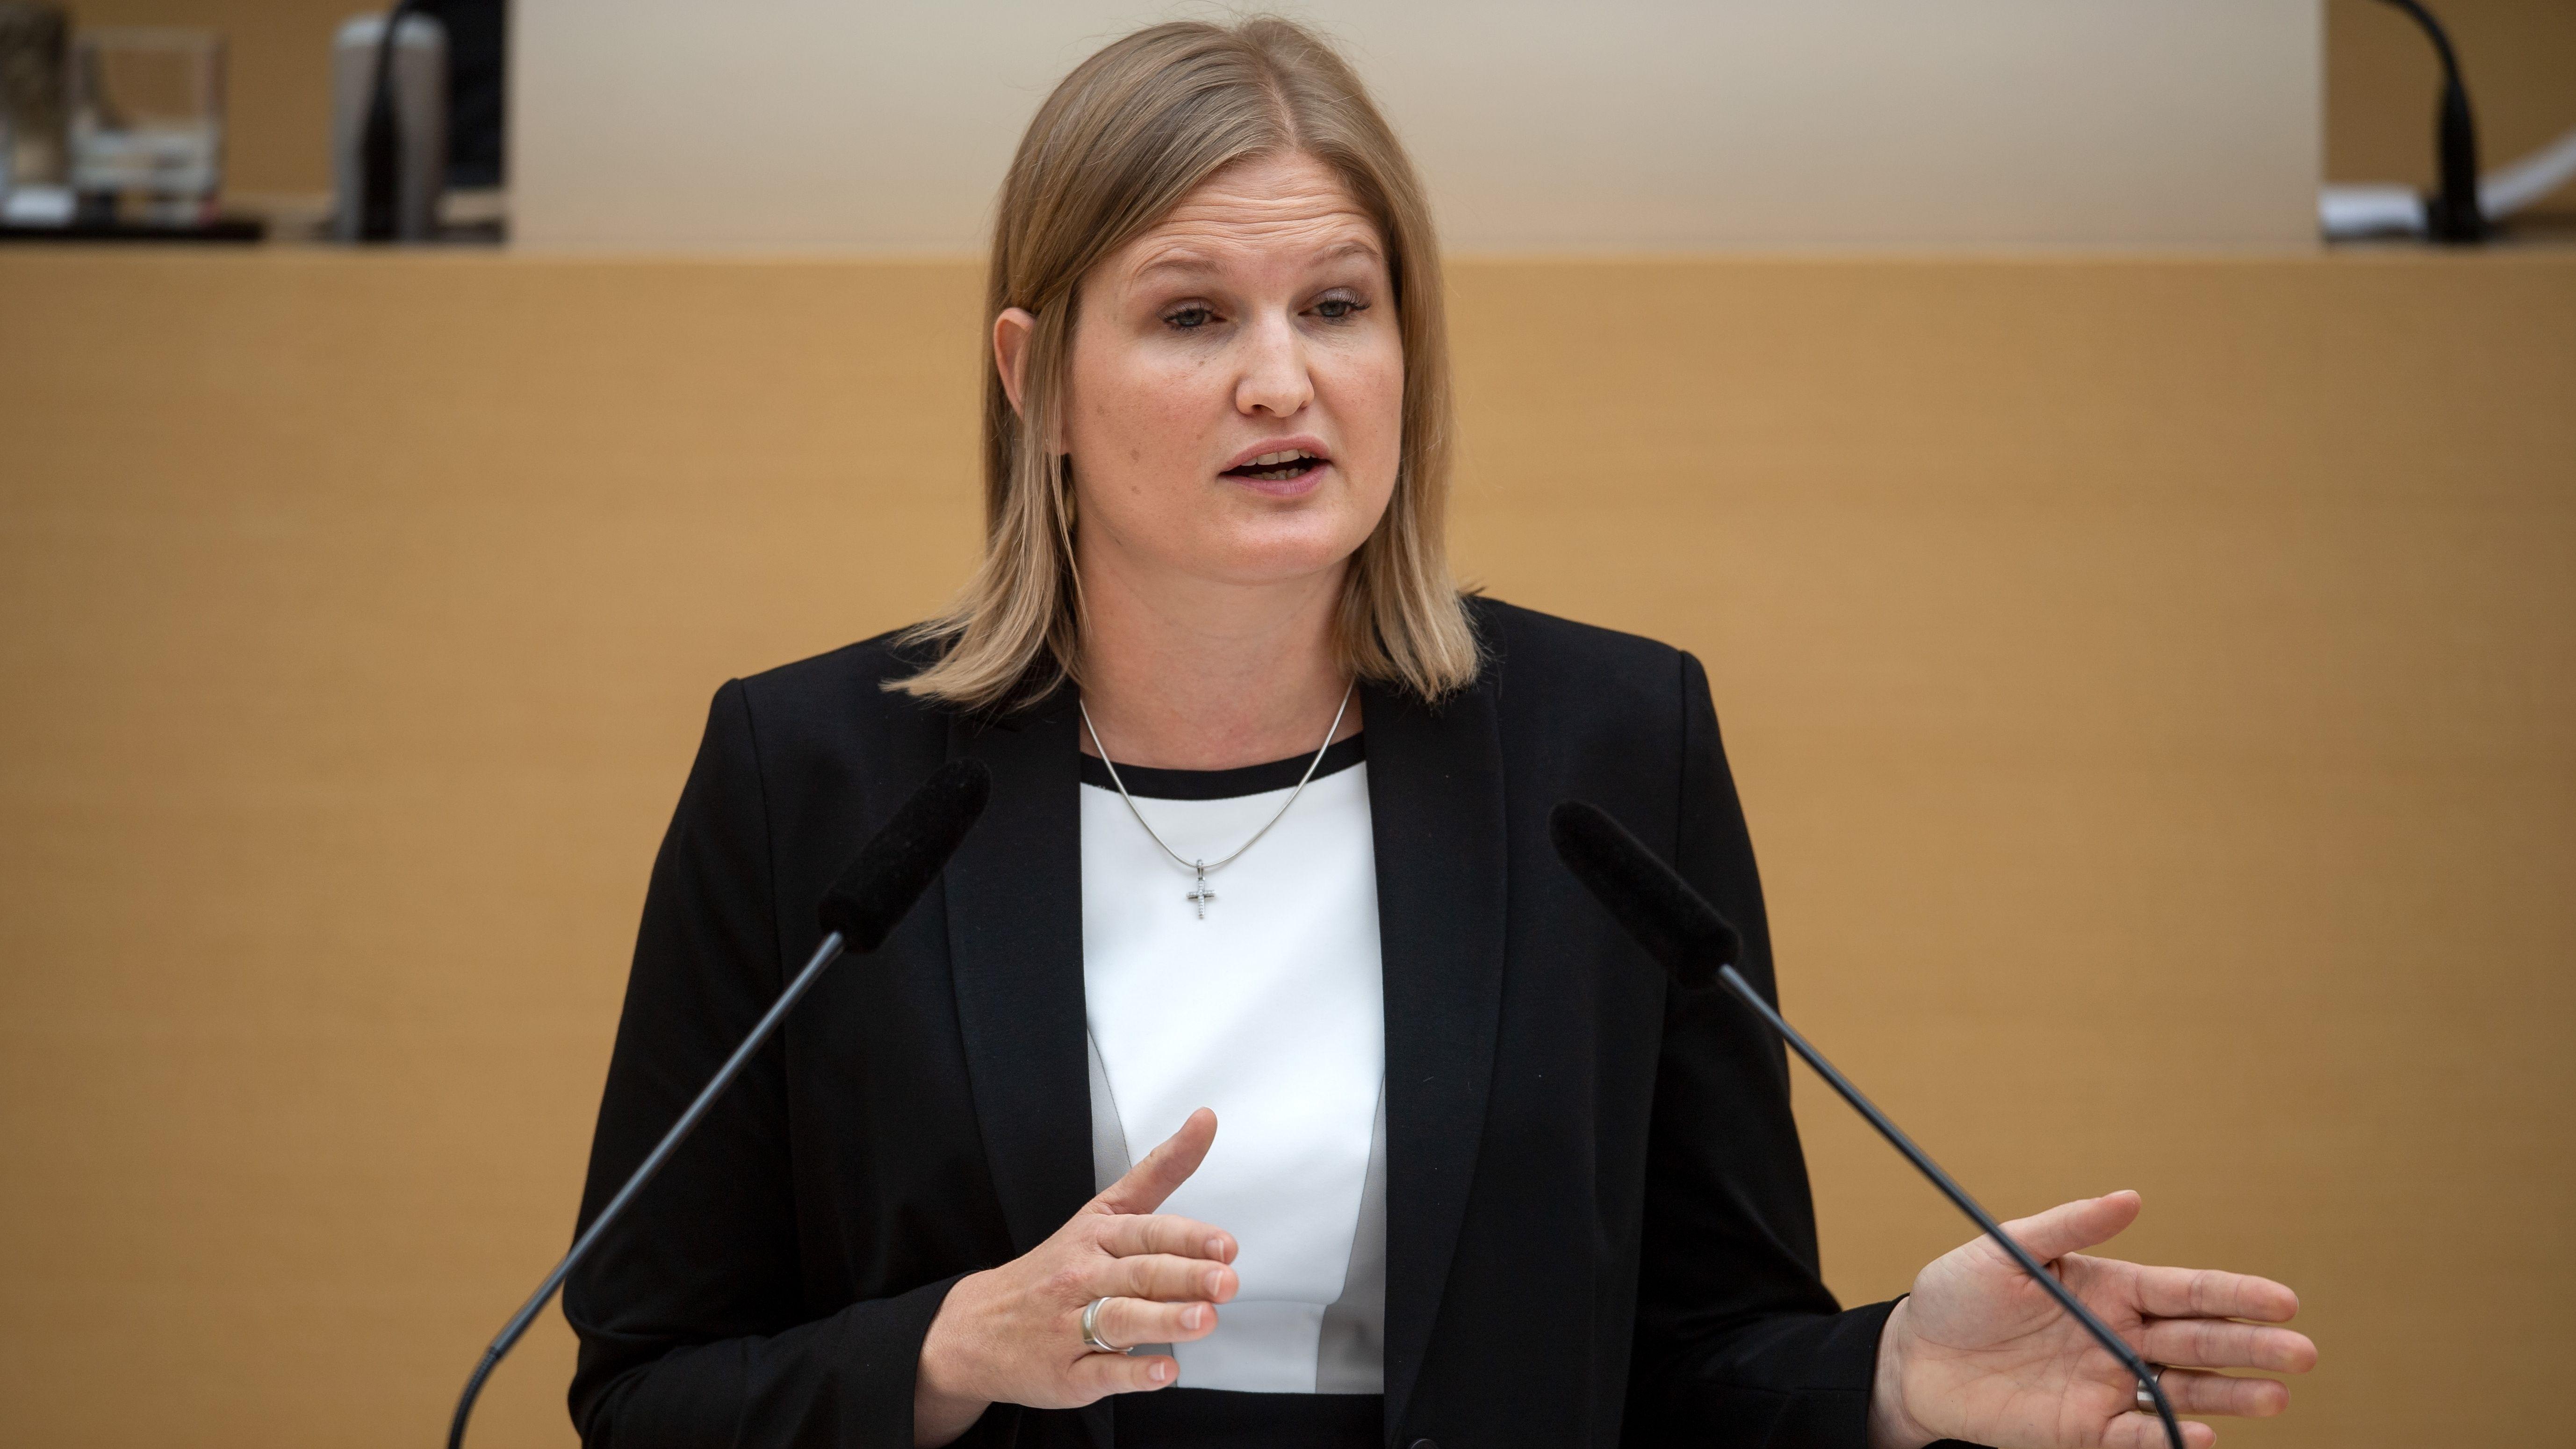 AfD-Fraktionschefin Ebner-Steiner im Landtag